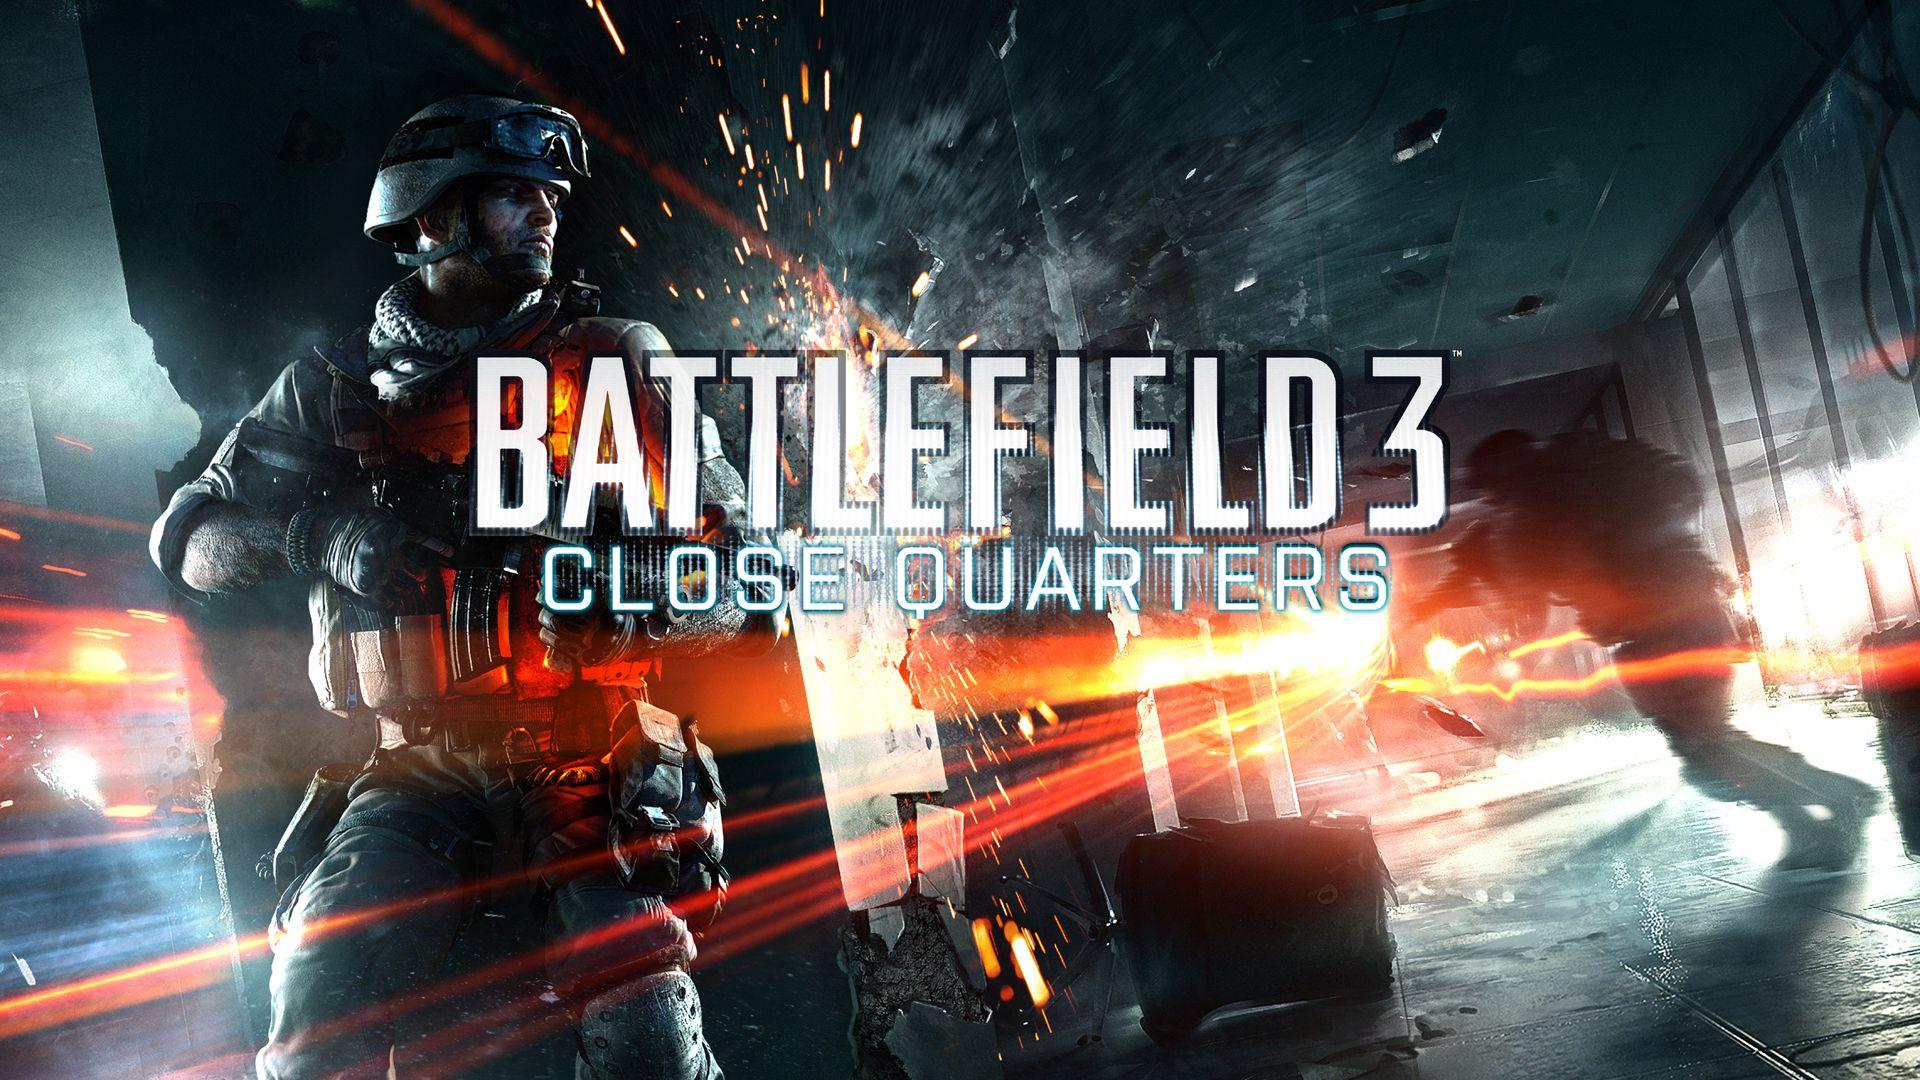 Battlefield 3 Close Quarters Wallpaper 1920x1080 Battlefield 3 Battlefield Video Game News